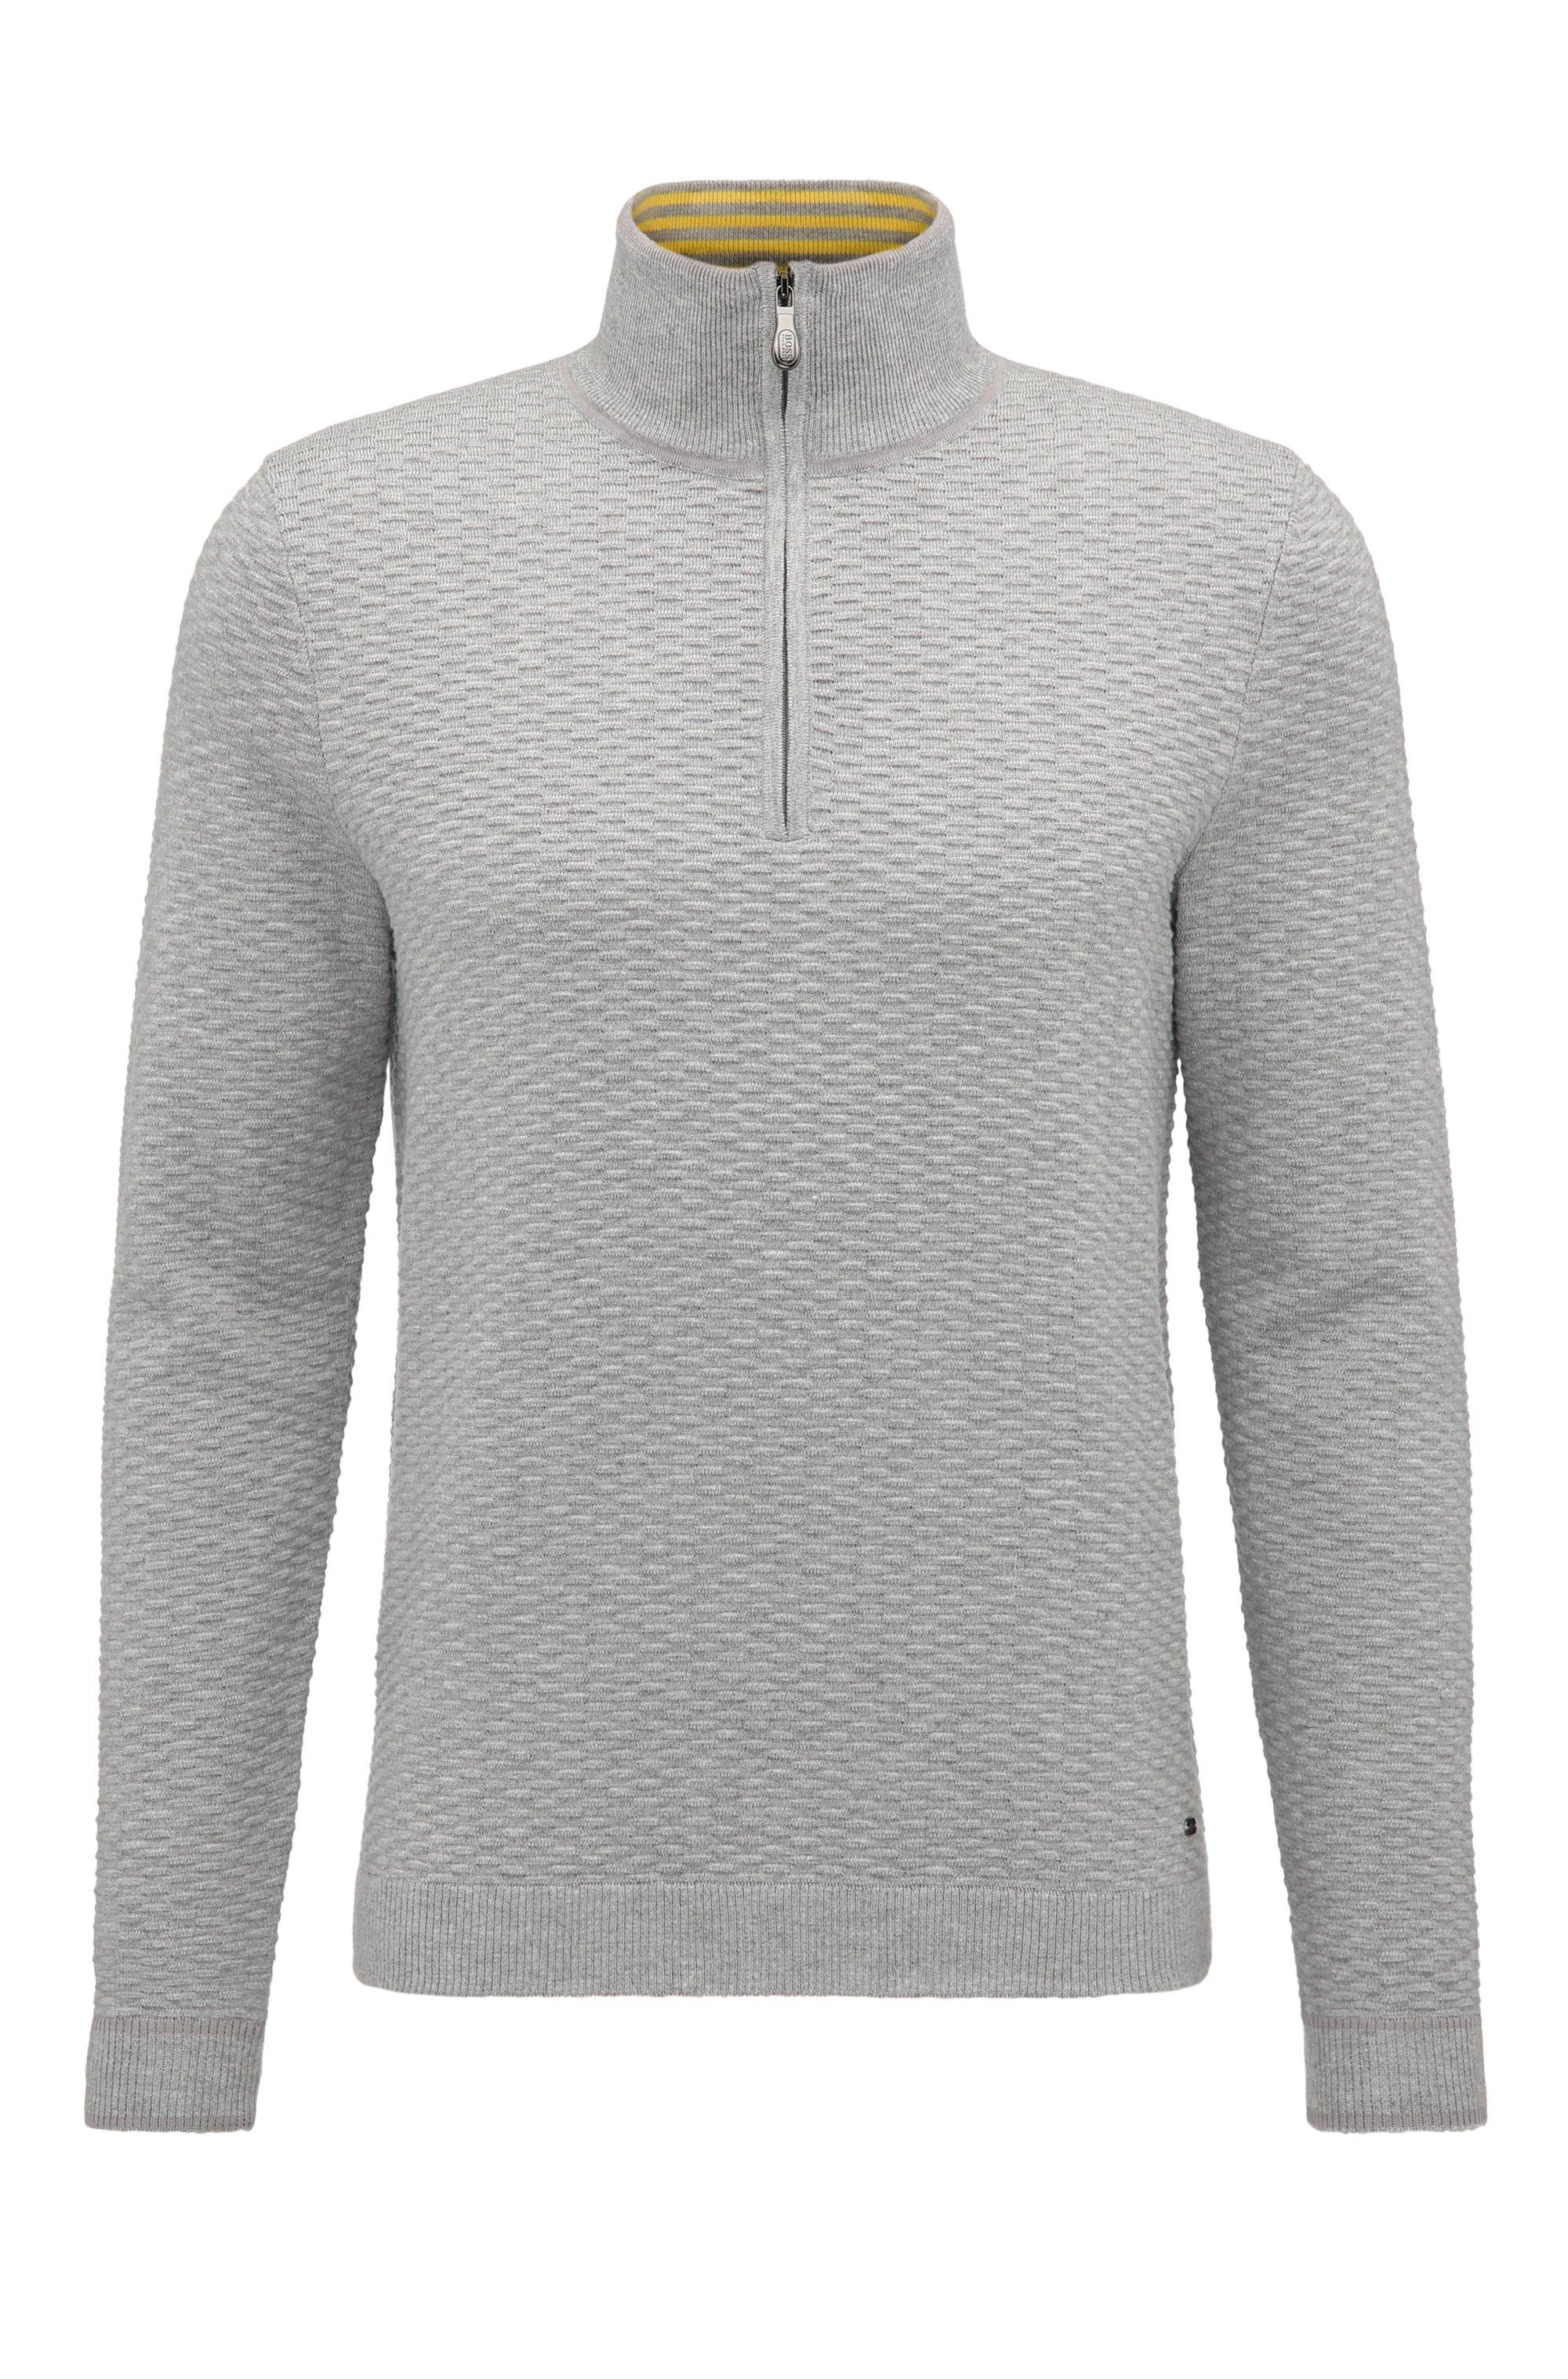 Dobby Stretch Cotton Sweater | Zote, Light Grey